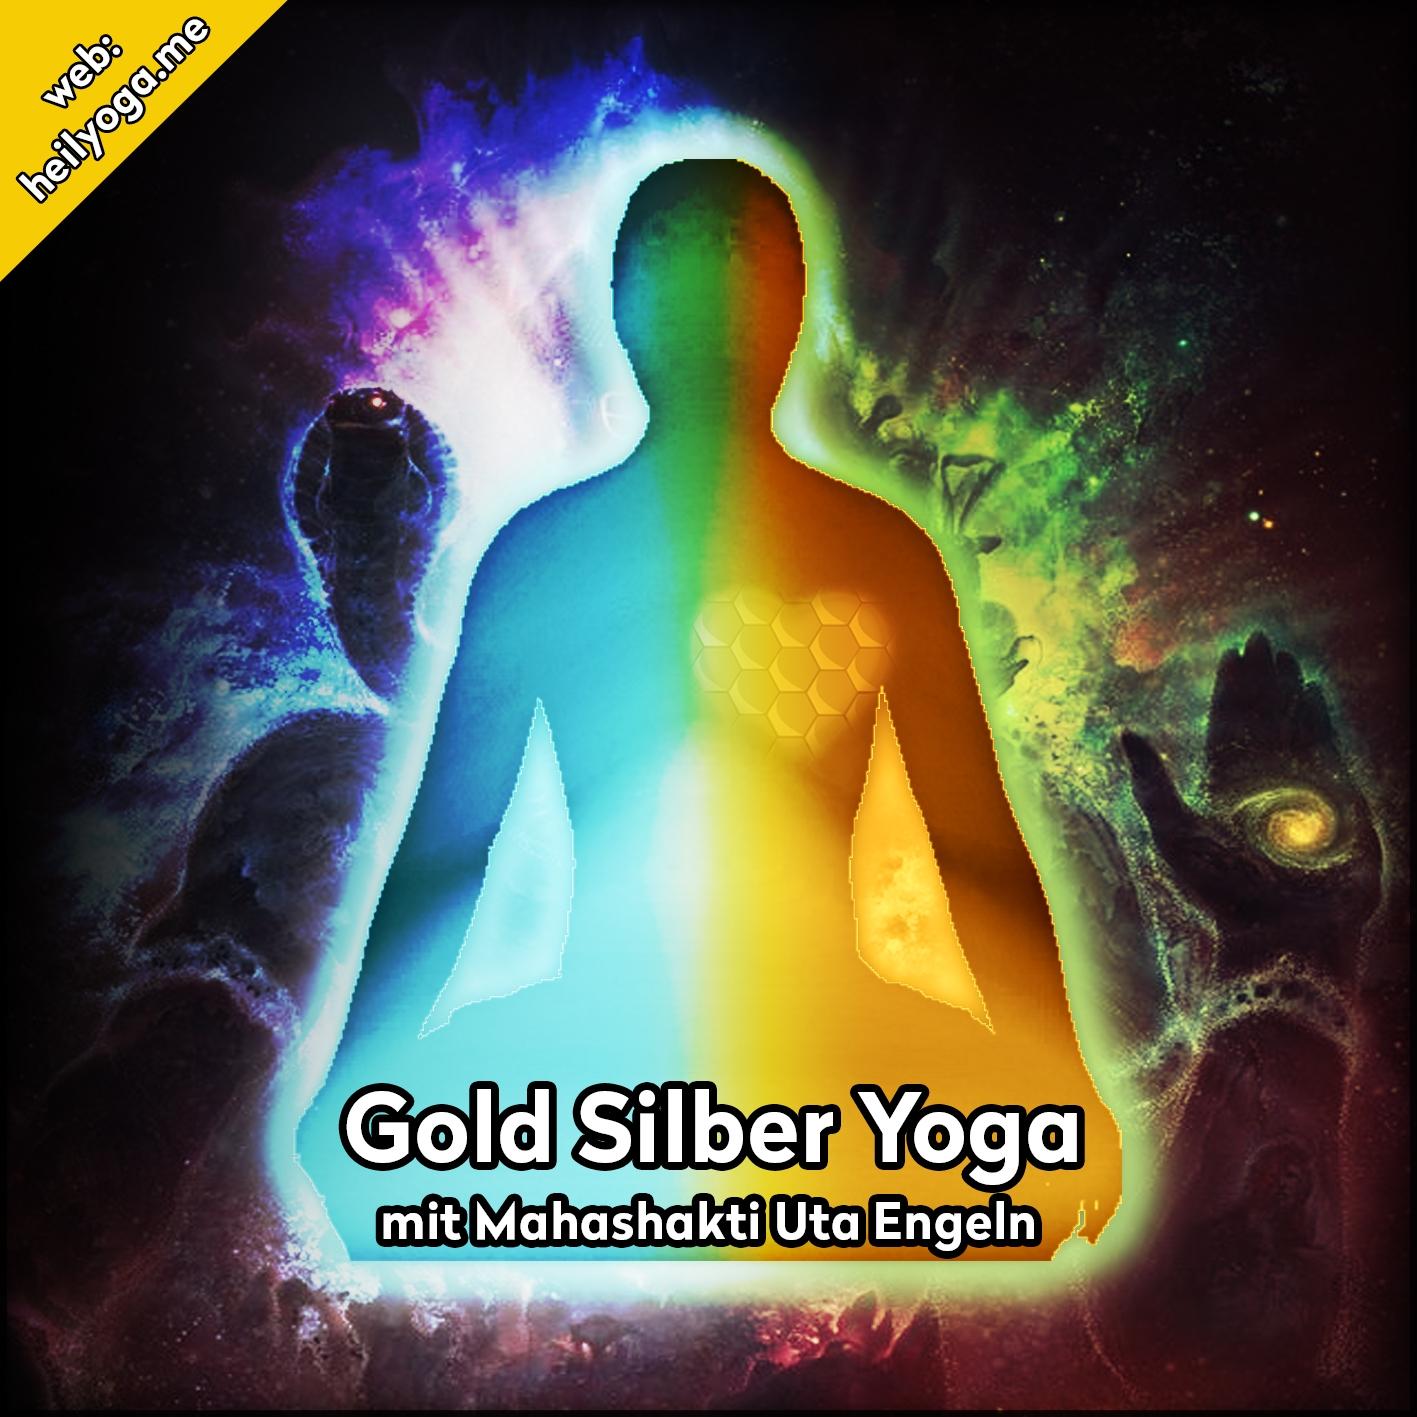 Swara-Yoga ist Gold-Silber-Yoga und stärkt das Immunsystem (MP3)